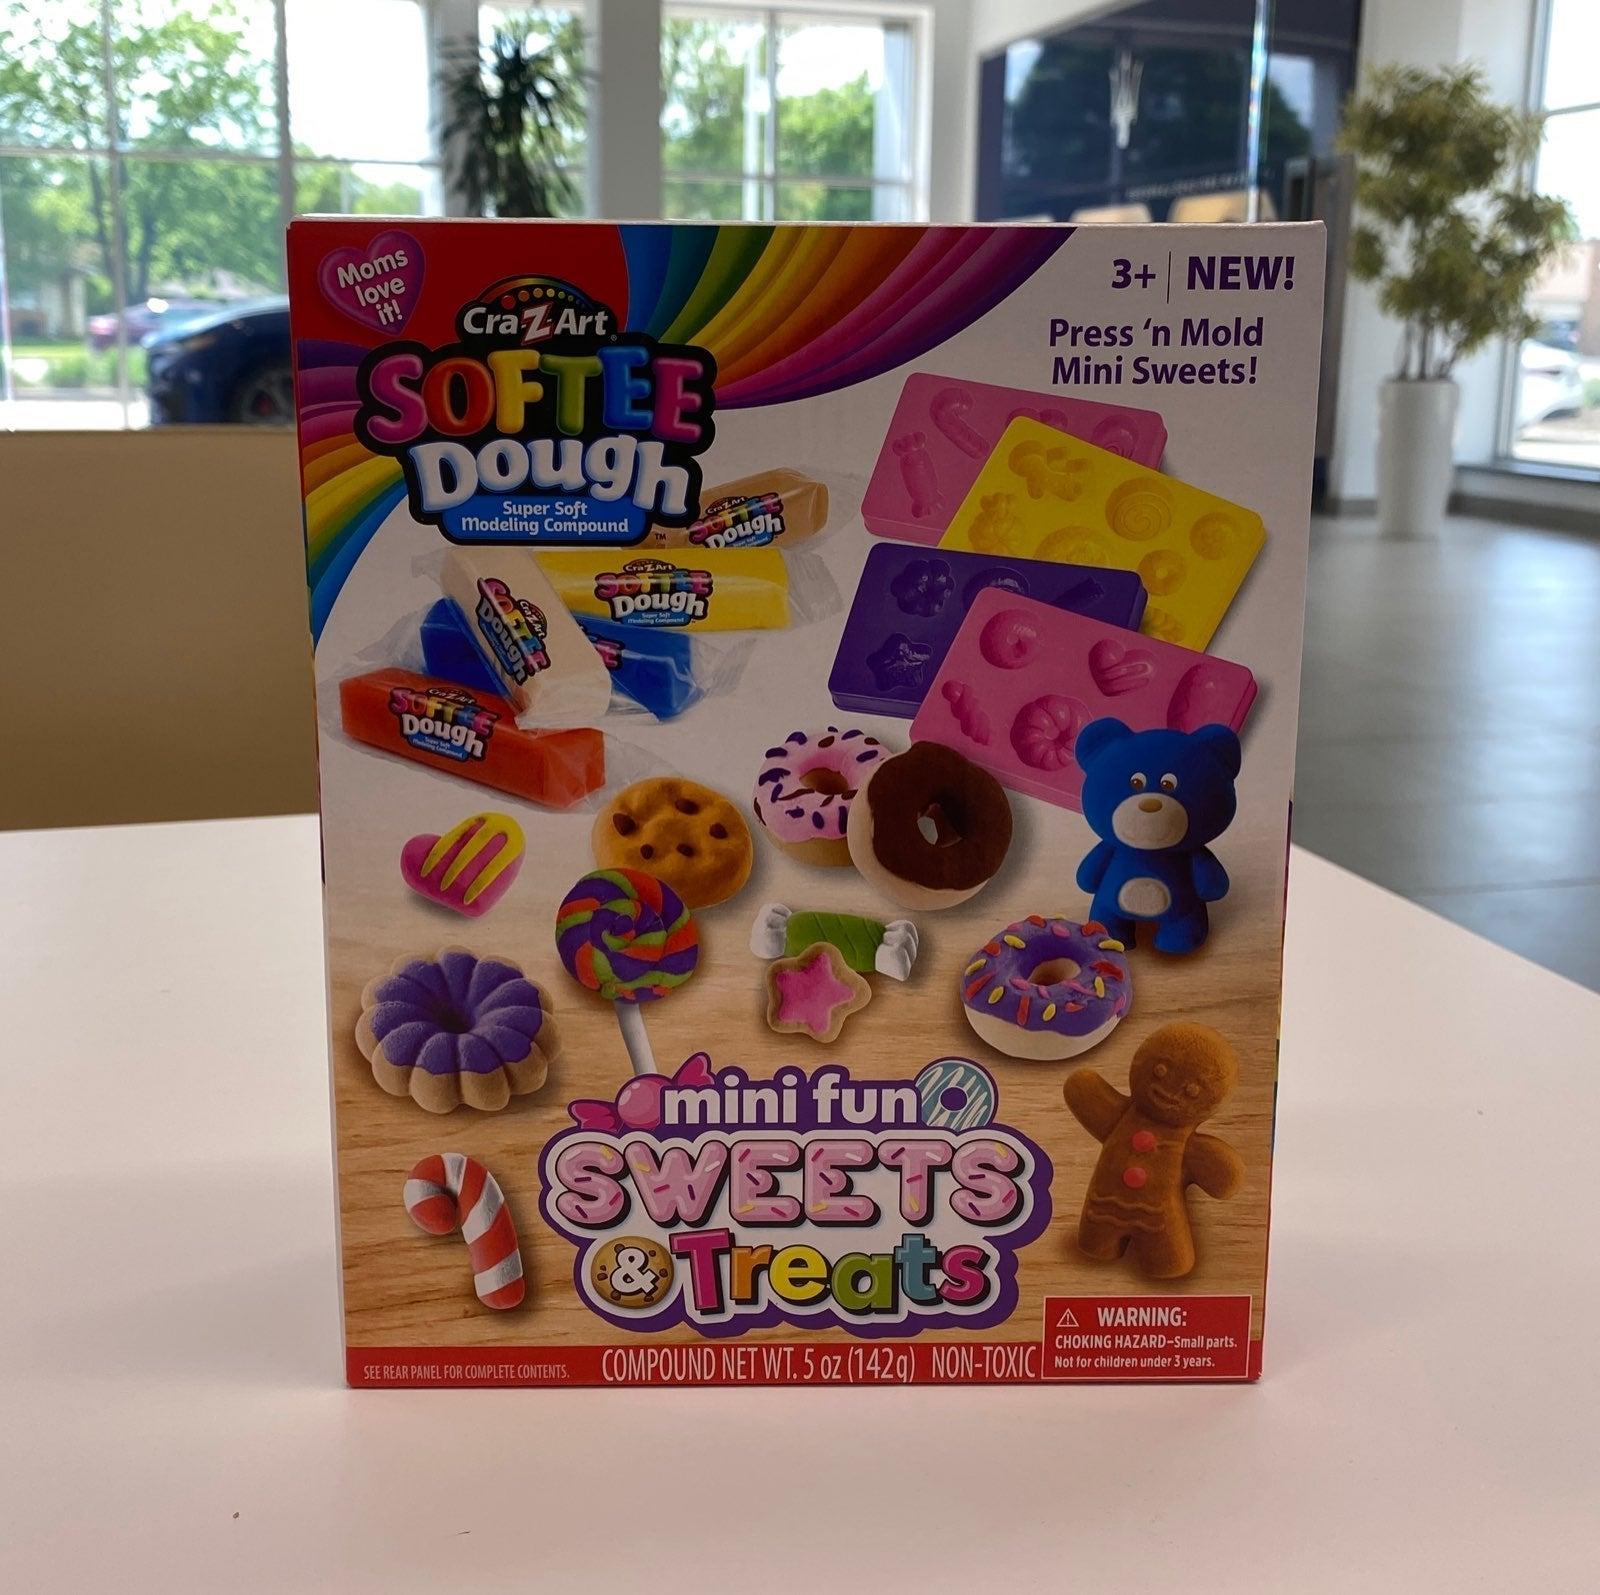 NEW Softee Dough Sweets & Treats